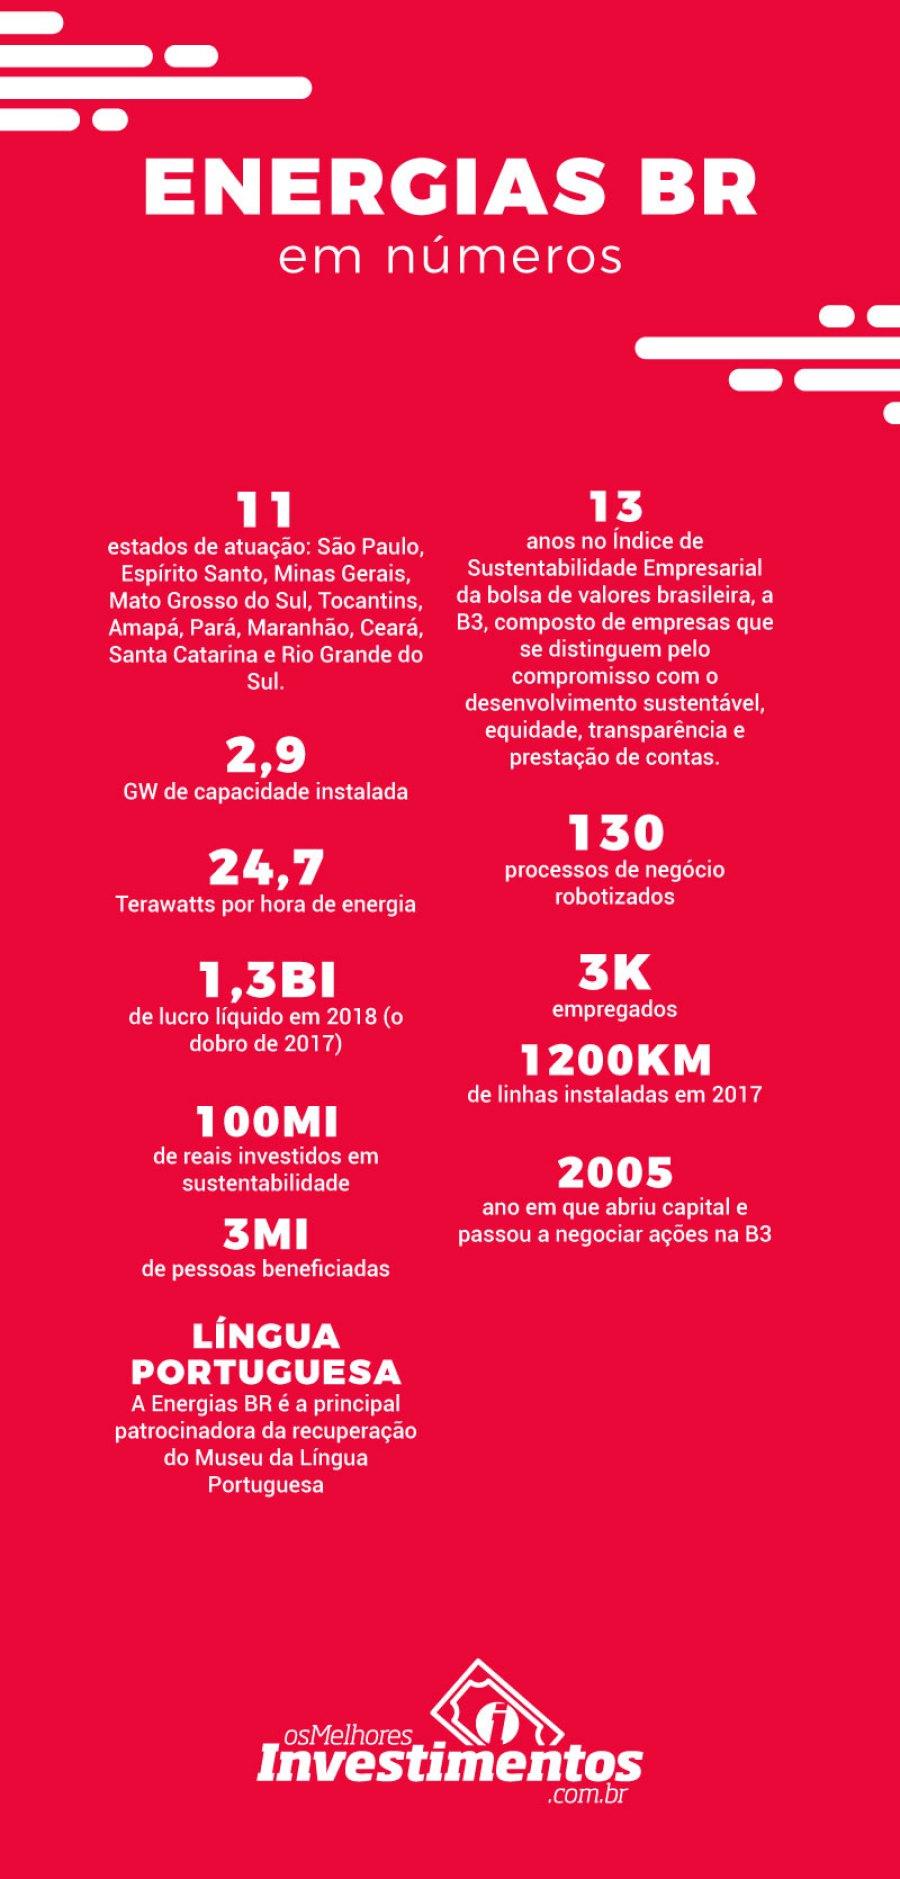 Infográfico - Ações da Energia BR - Os Melhores Investimentos